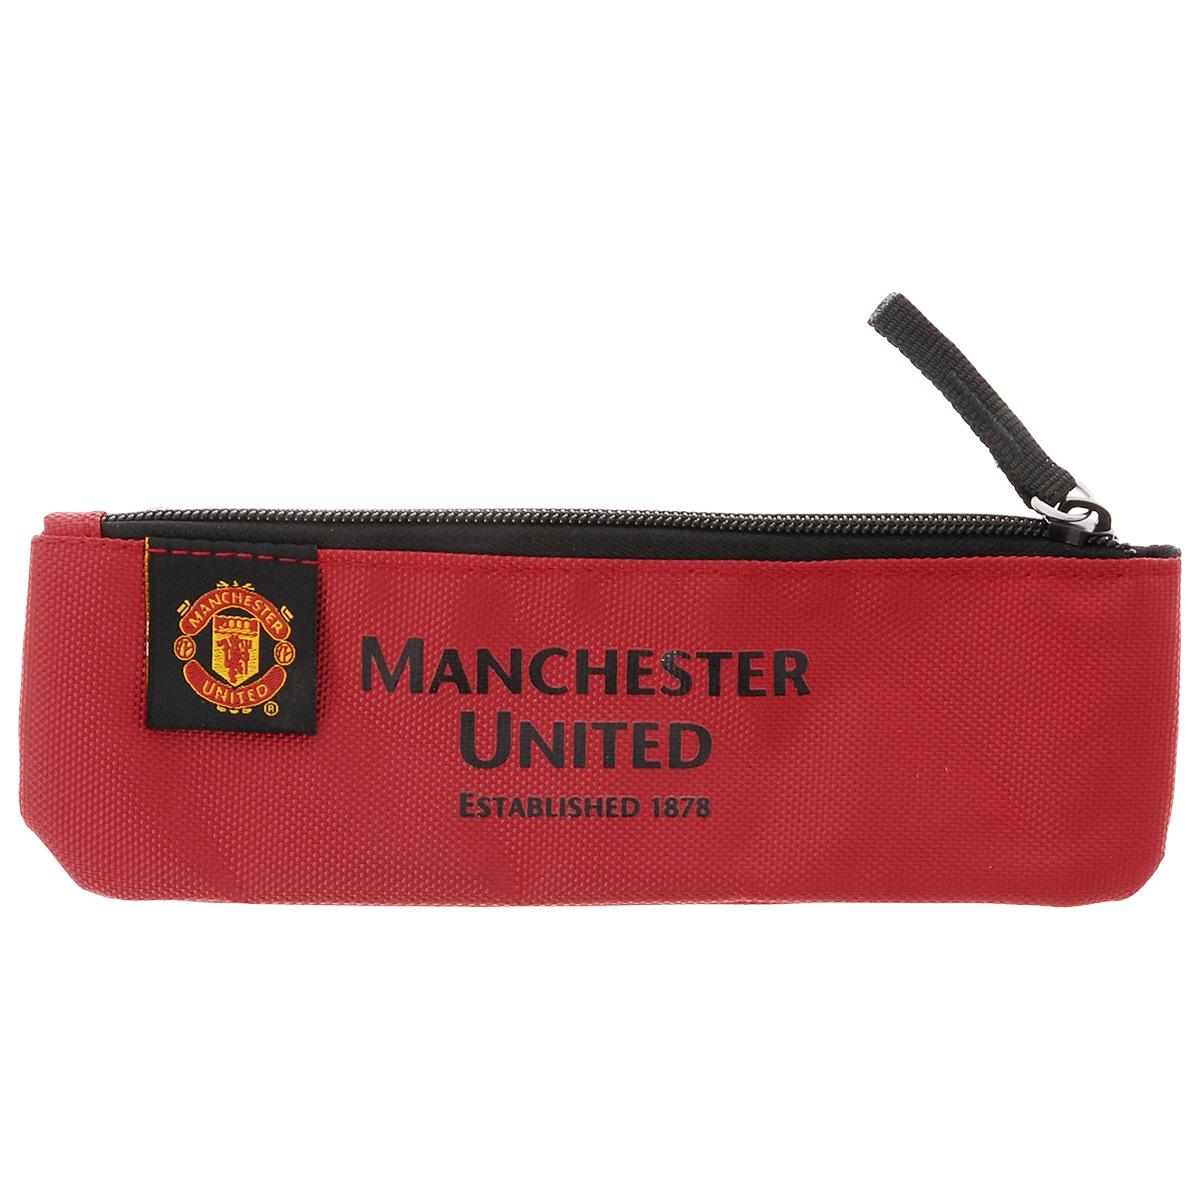 Пенал Manchester United FC, цвет: красный nike nike fc manchester united 2014 15 stadium otc